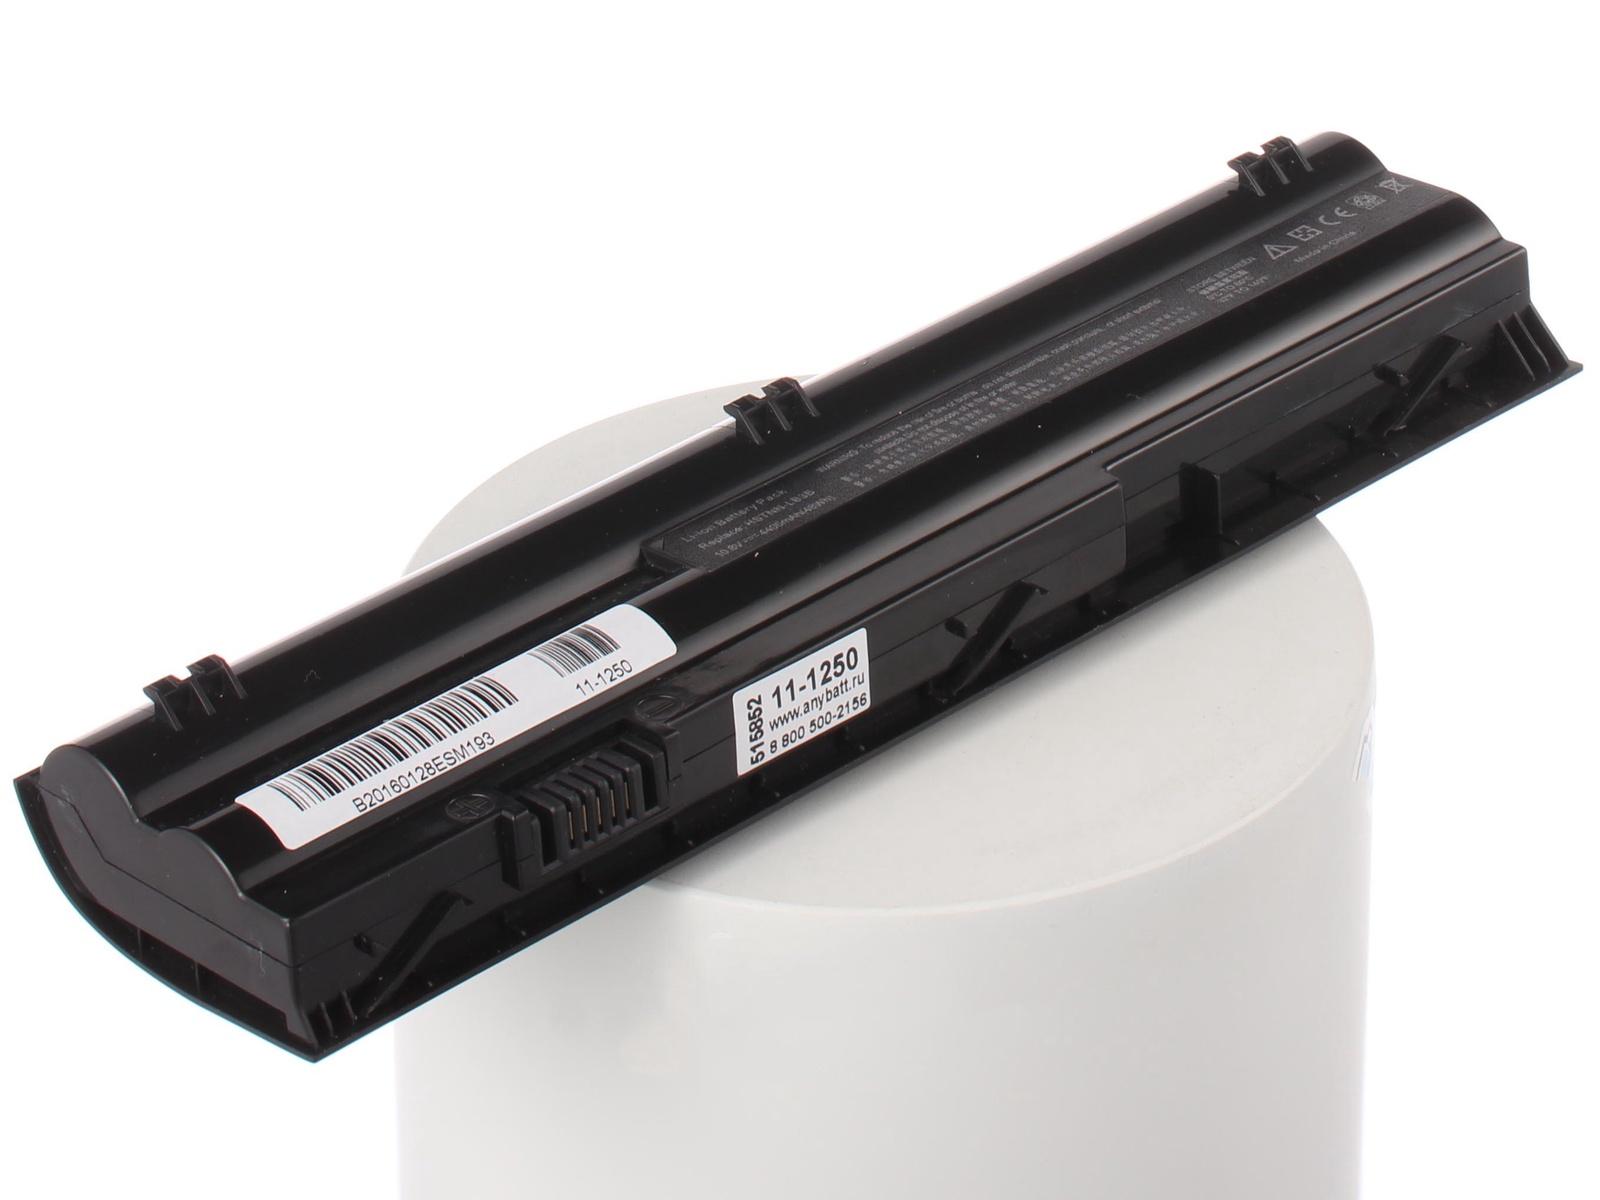 Аккумулятор для ноутбука AnyBatt HP-Compaq 646757-001, MT06, HSTNN-LB3B, HSTNN-YB3B, HSTNN-YB3A, HSTNN-DB3B, 646657-241, 646657-251 компьютер compaq